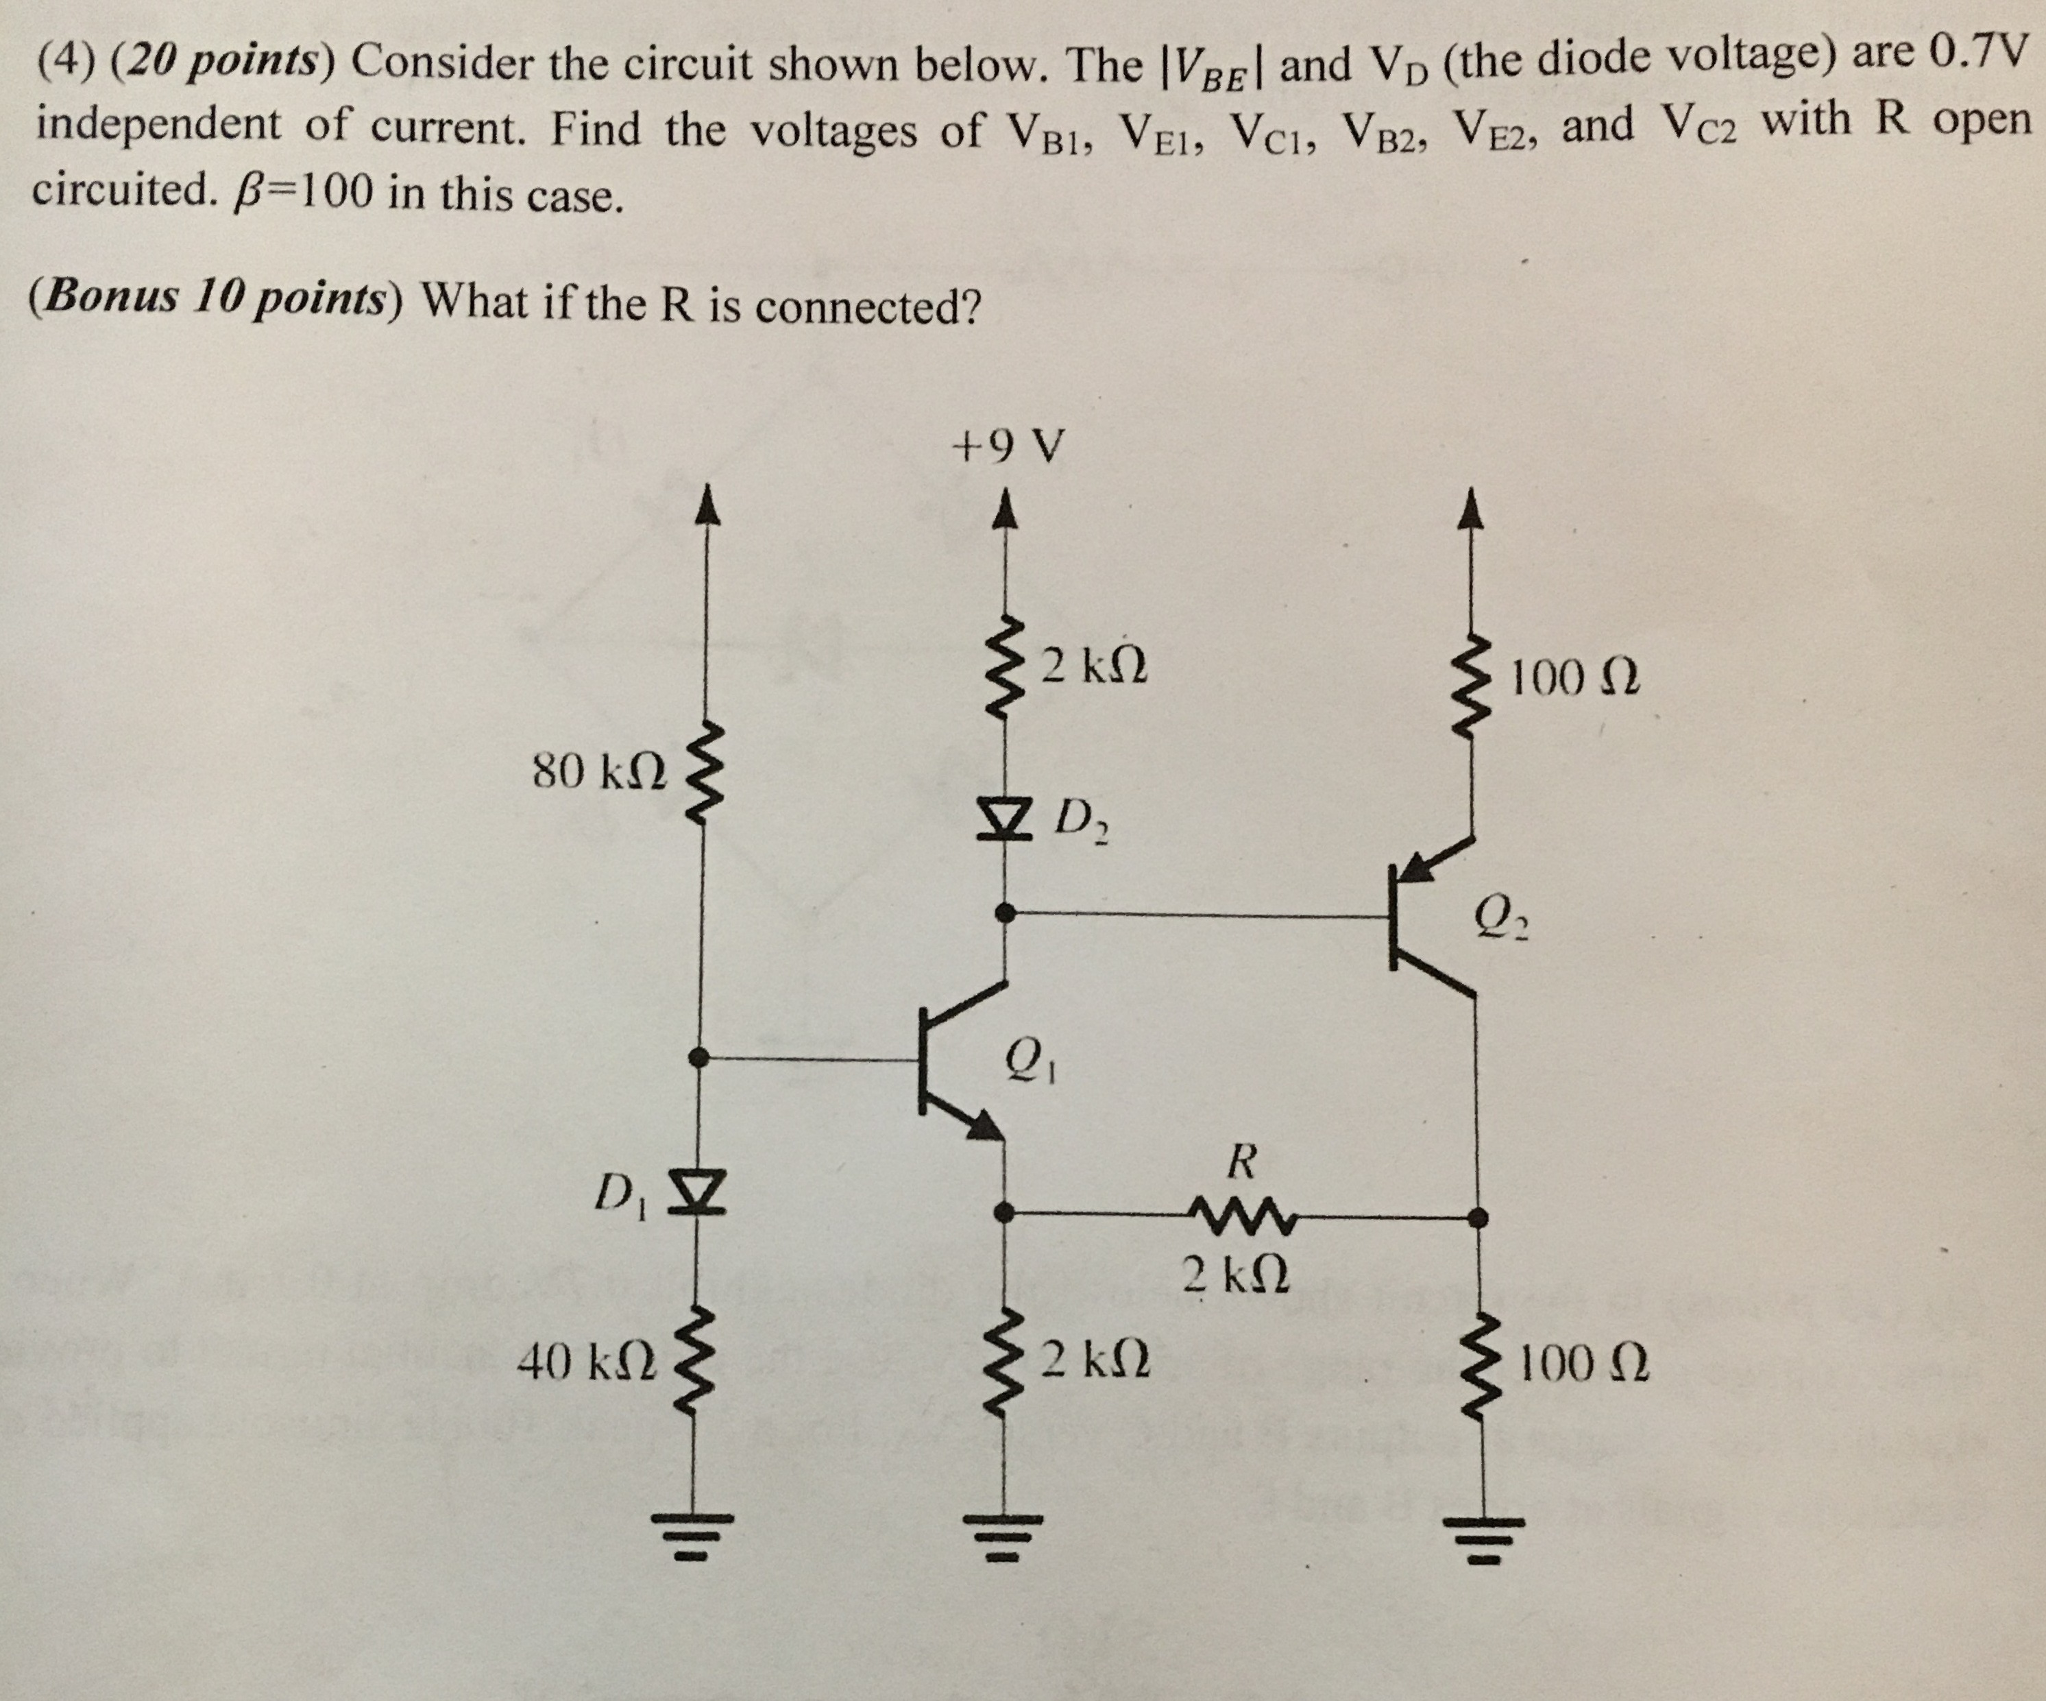 Ziemlich Dioden Notation Fotos - Verdrahtungsideen - korsmi.info